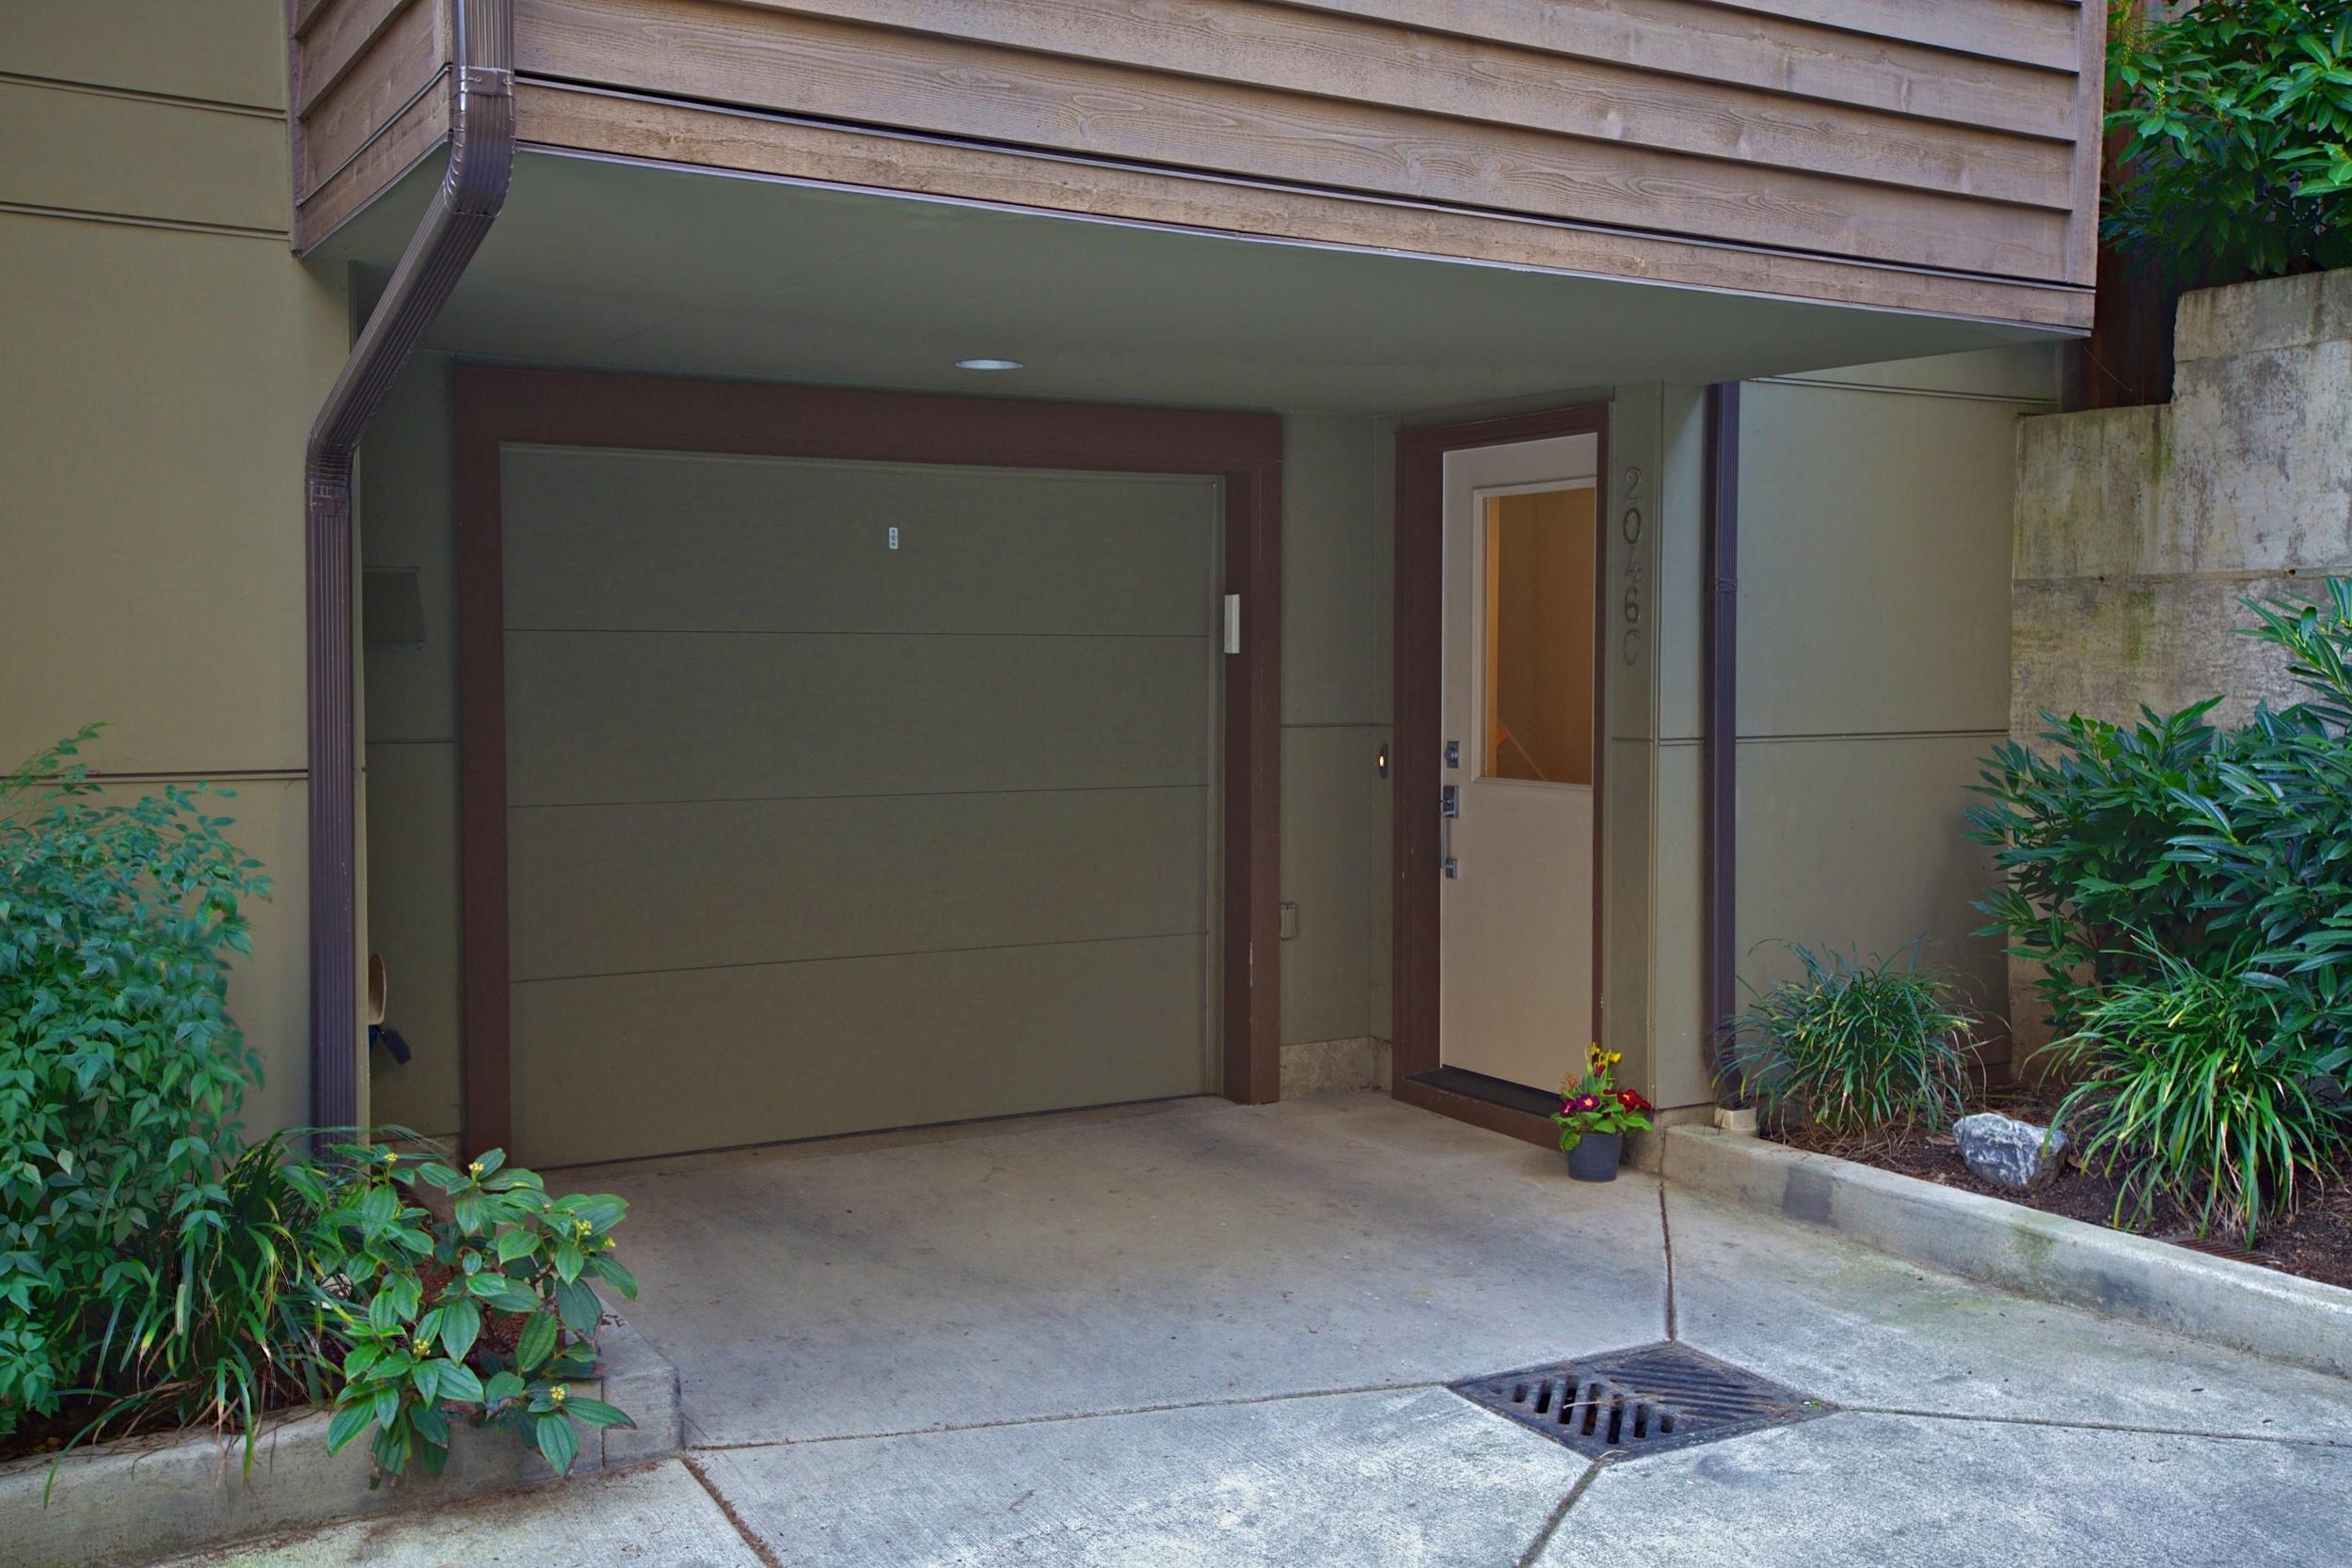 house 003.jpg